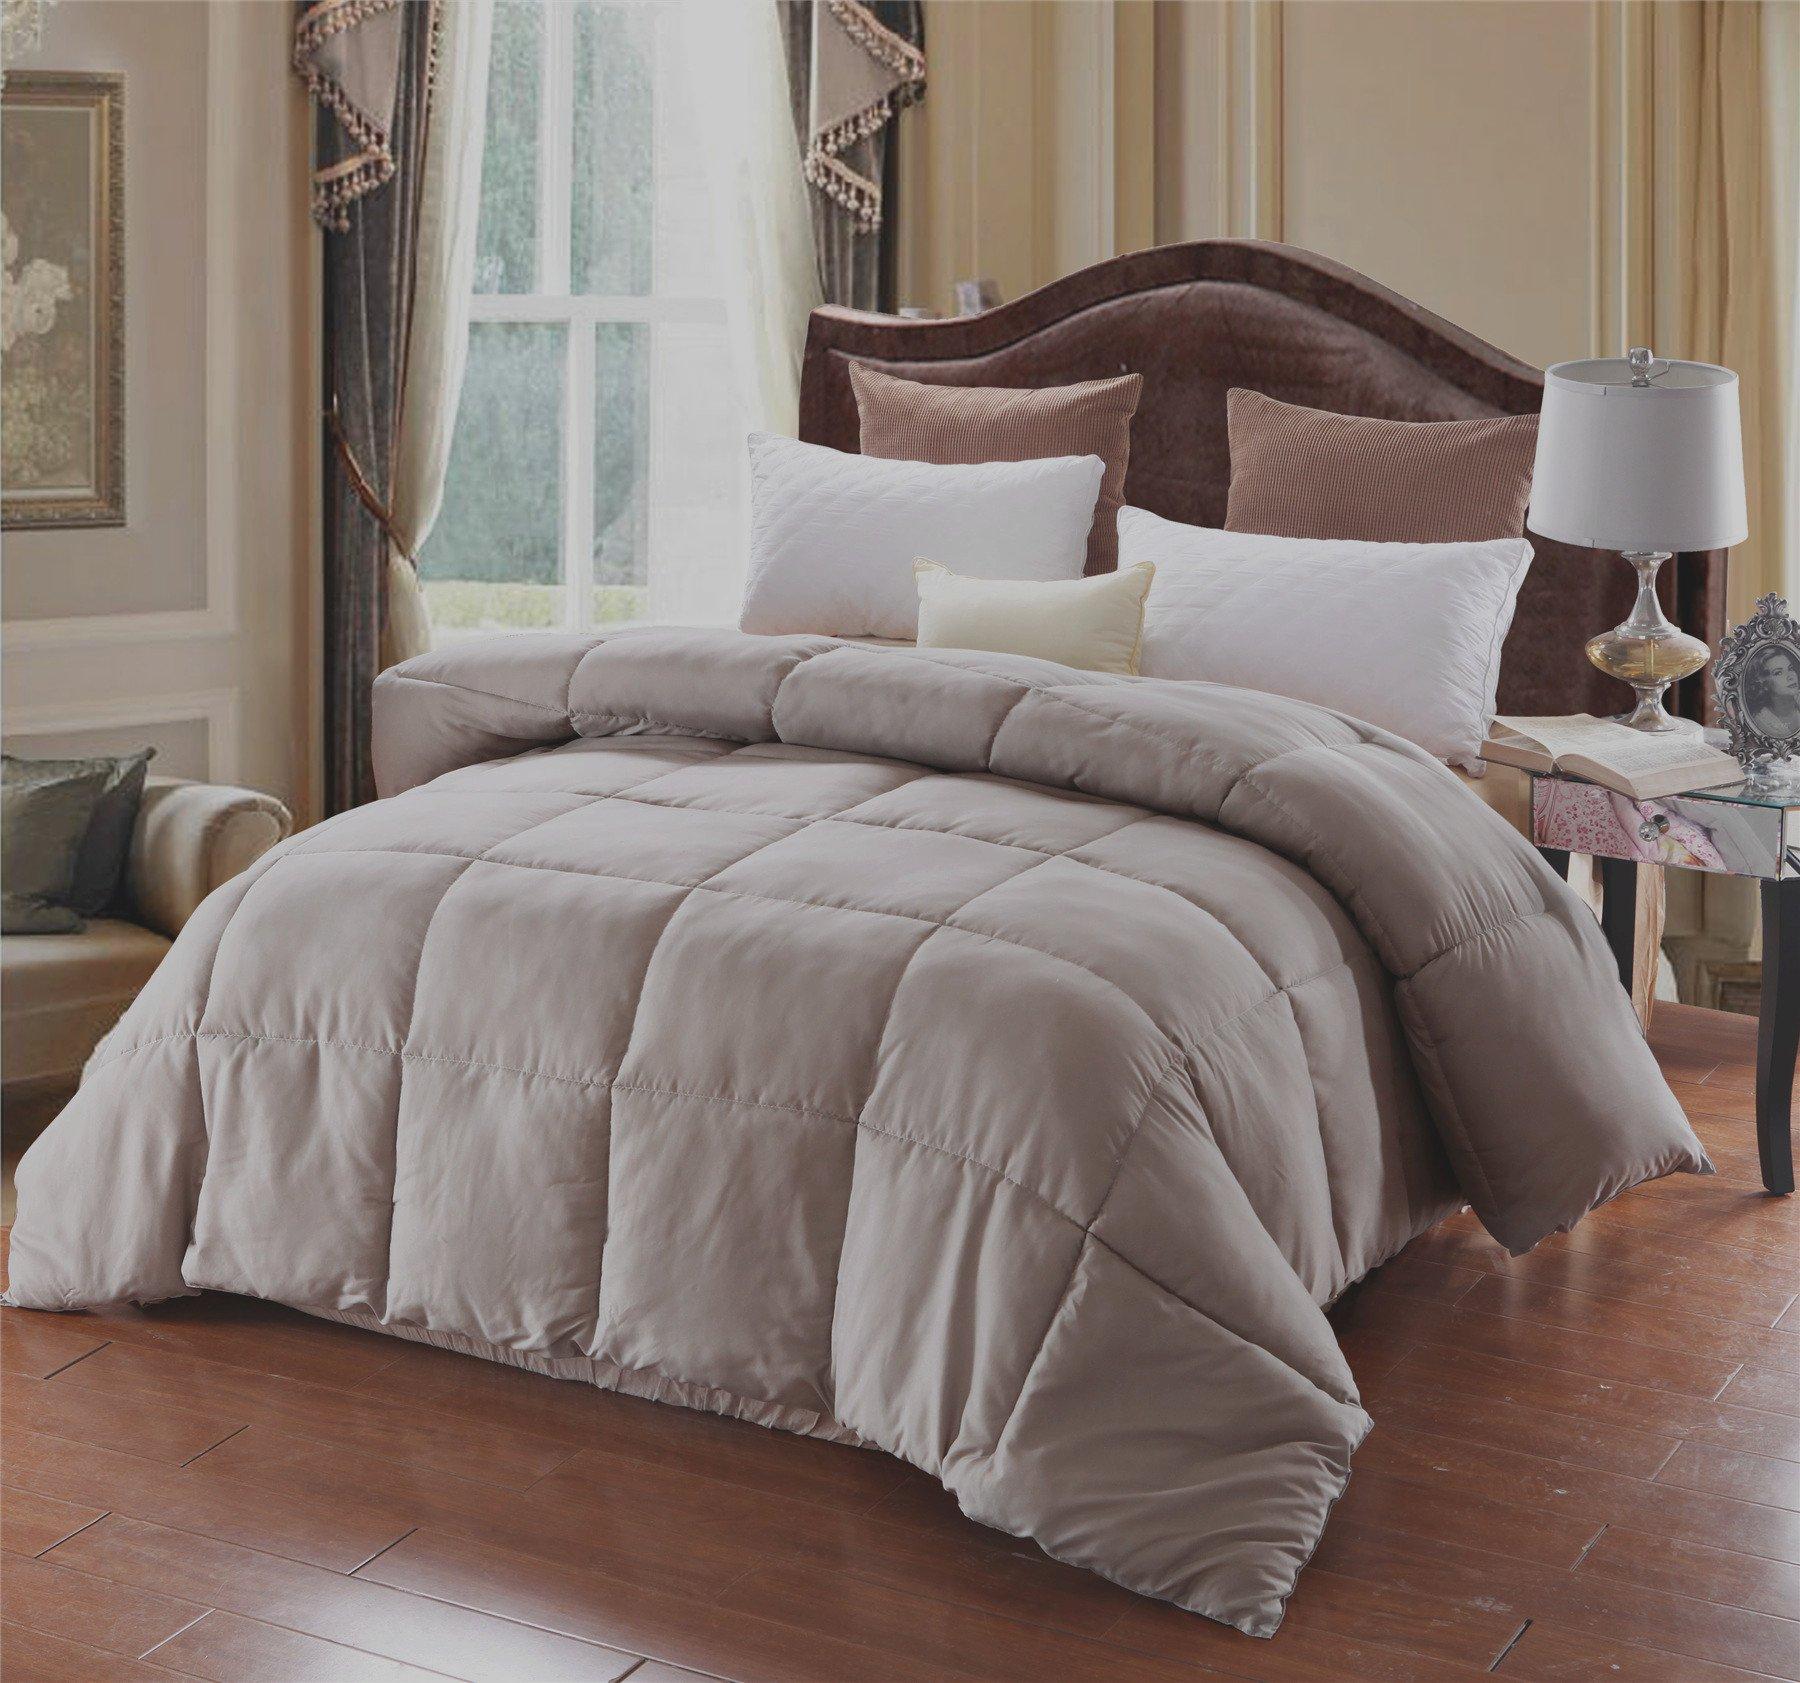 A Nice Night Lightweight Luxury Goose Down Alternative Comforter - Hypoallergenic - Solid (Queen, Grey)